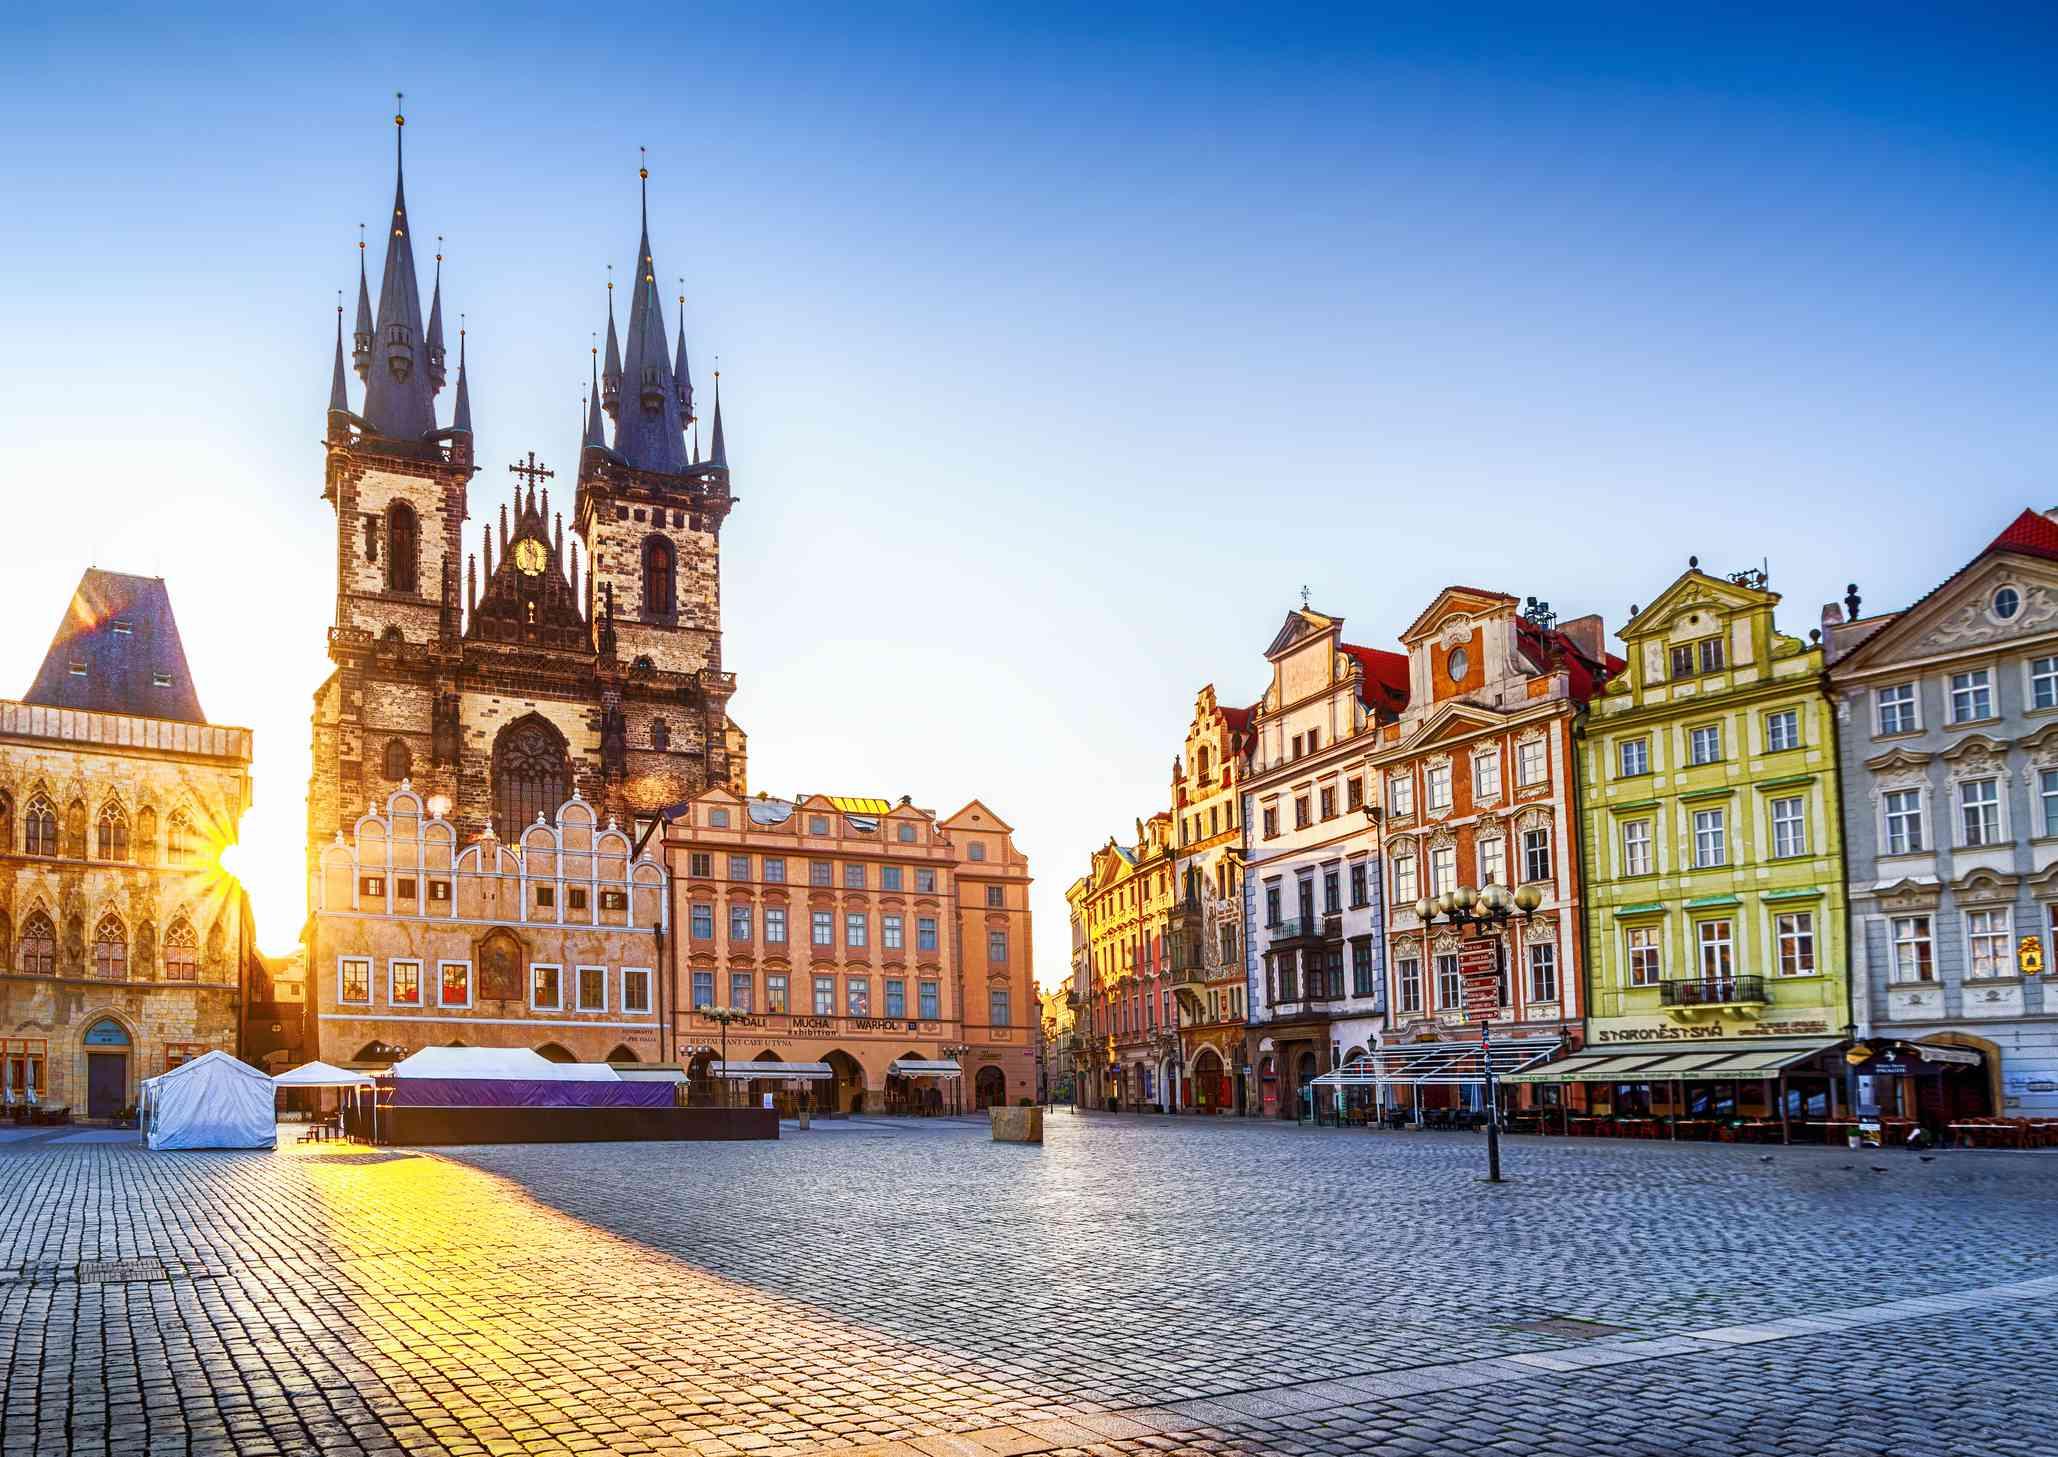 Plaza de la Ciudad Vieja e Iglesia de Nuestra Señora antes de Týn en Praga al amanecer. República Checa